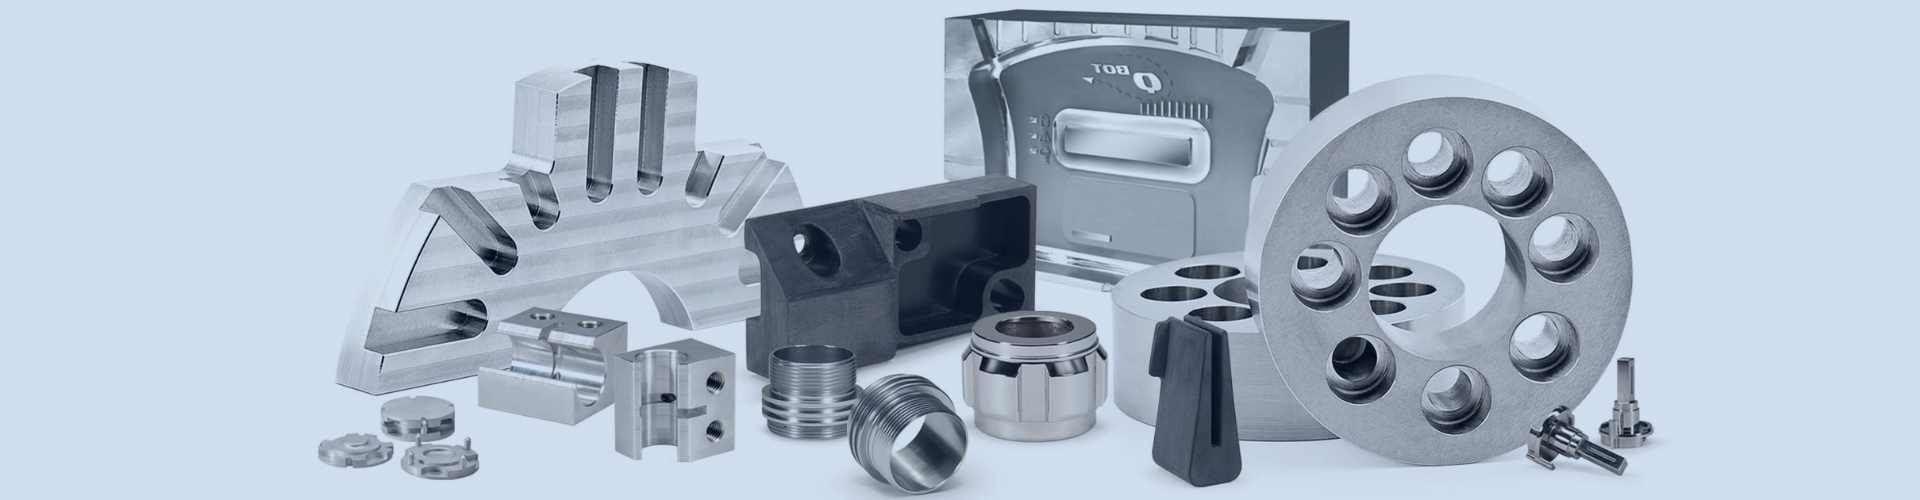 Metal CNC Machining